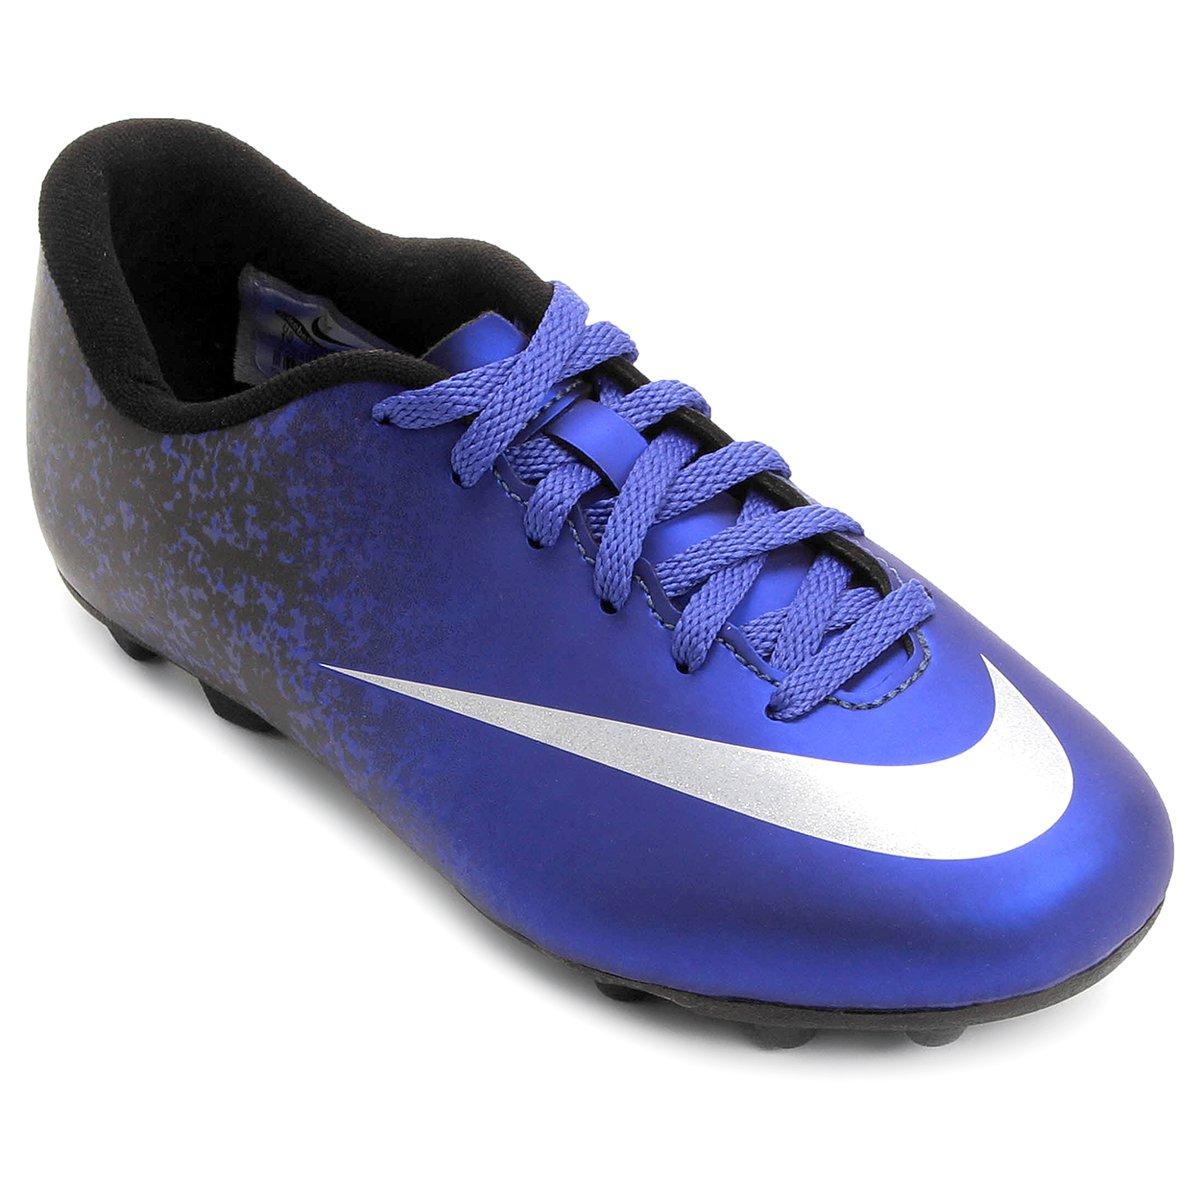 Chuteira Nike Mercurial Vortex 2 CR7 FG-R Campo Infantil - Compre Agora  250d5d89bc29f